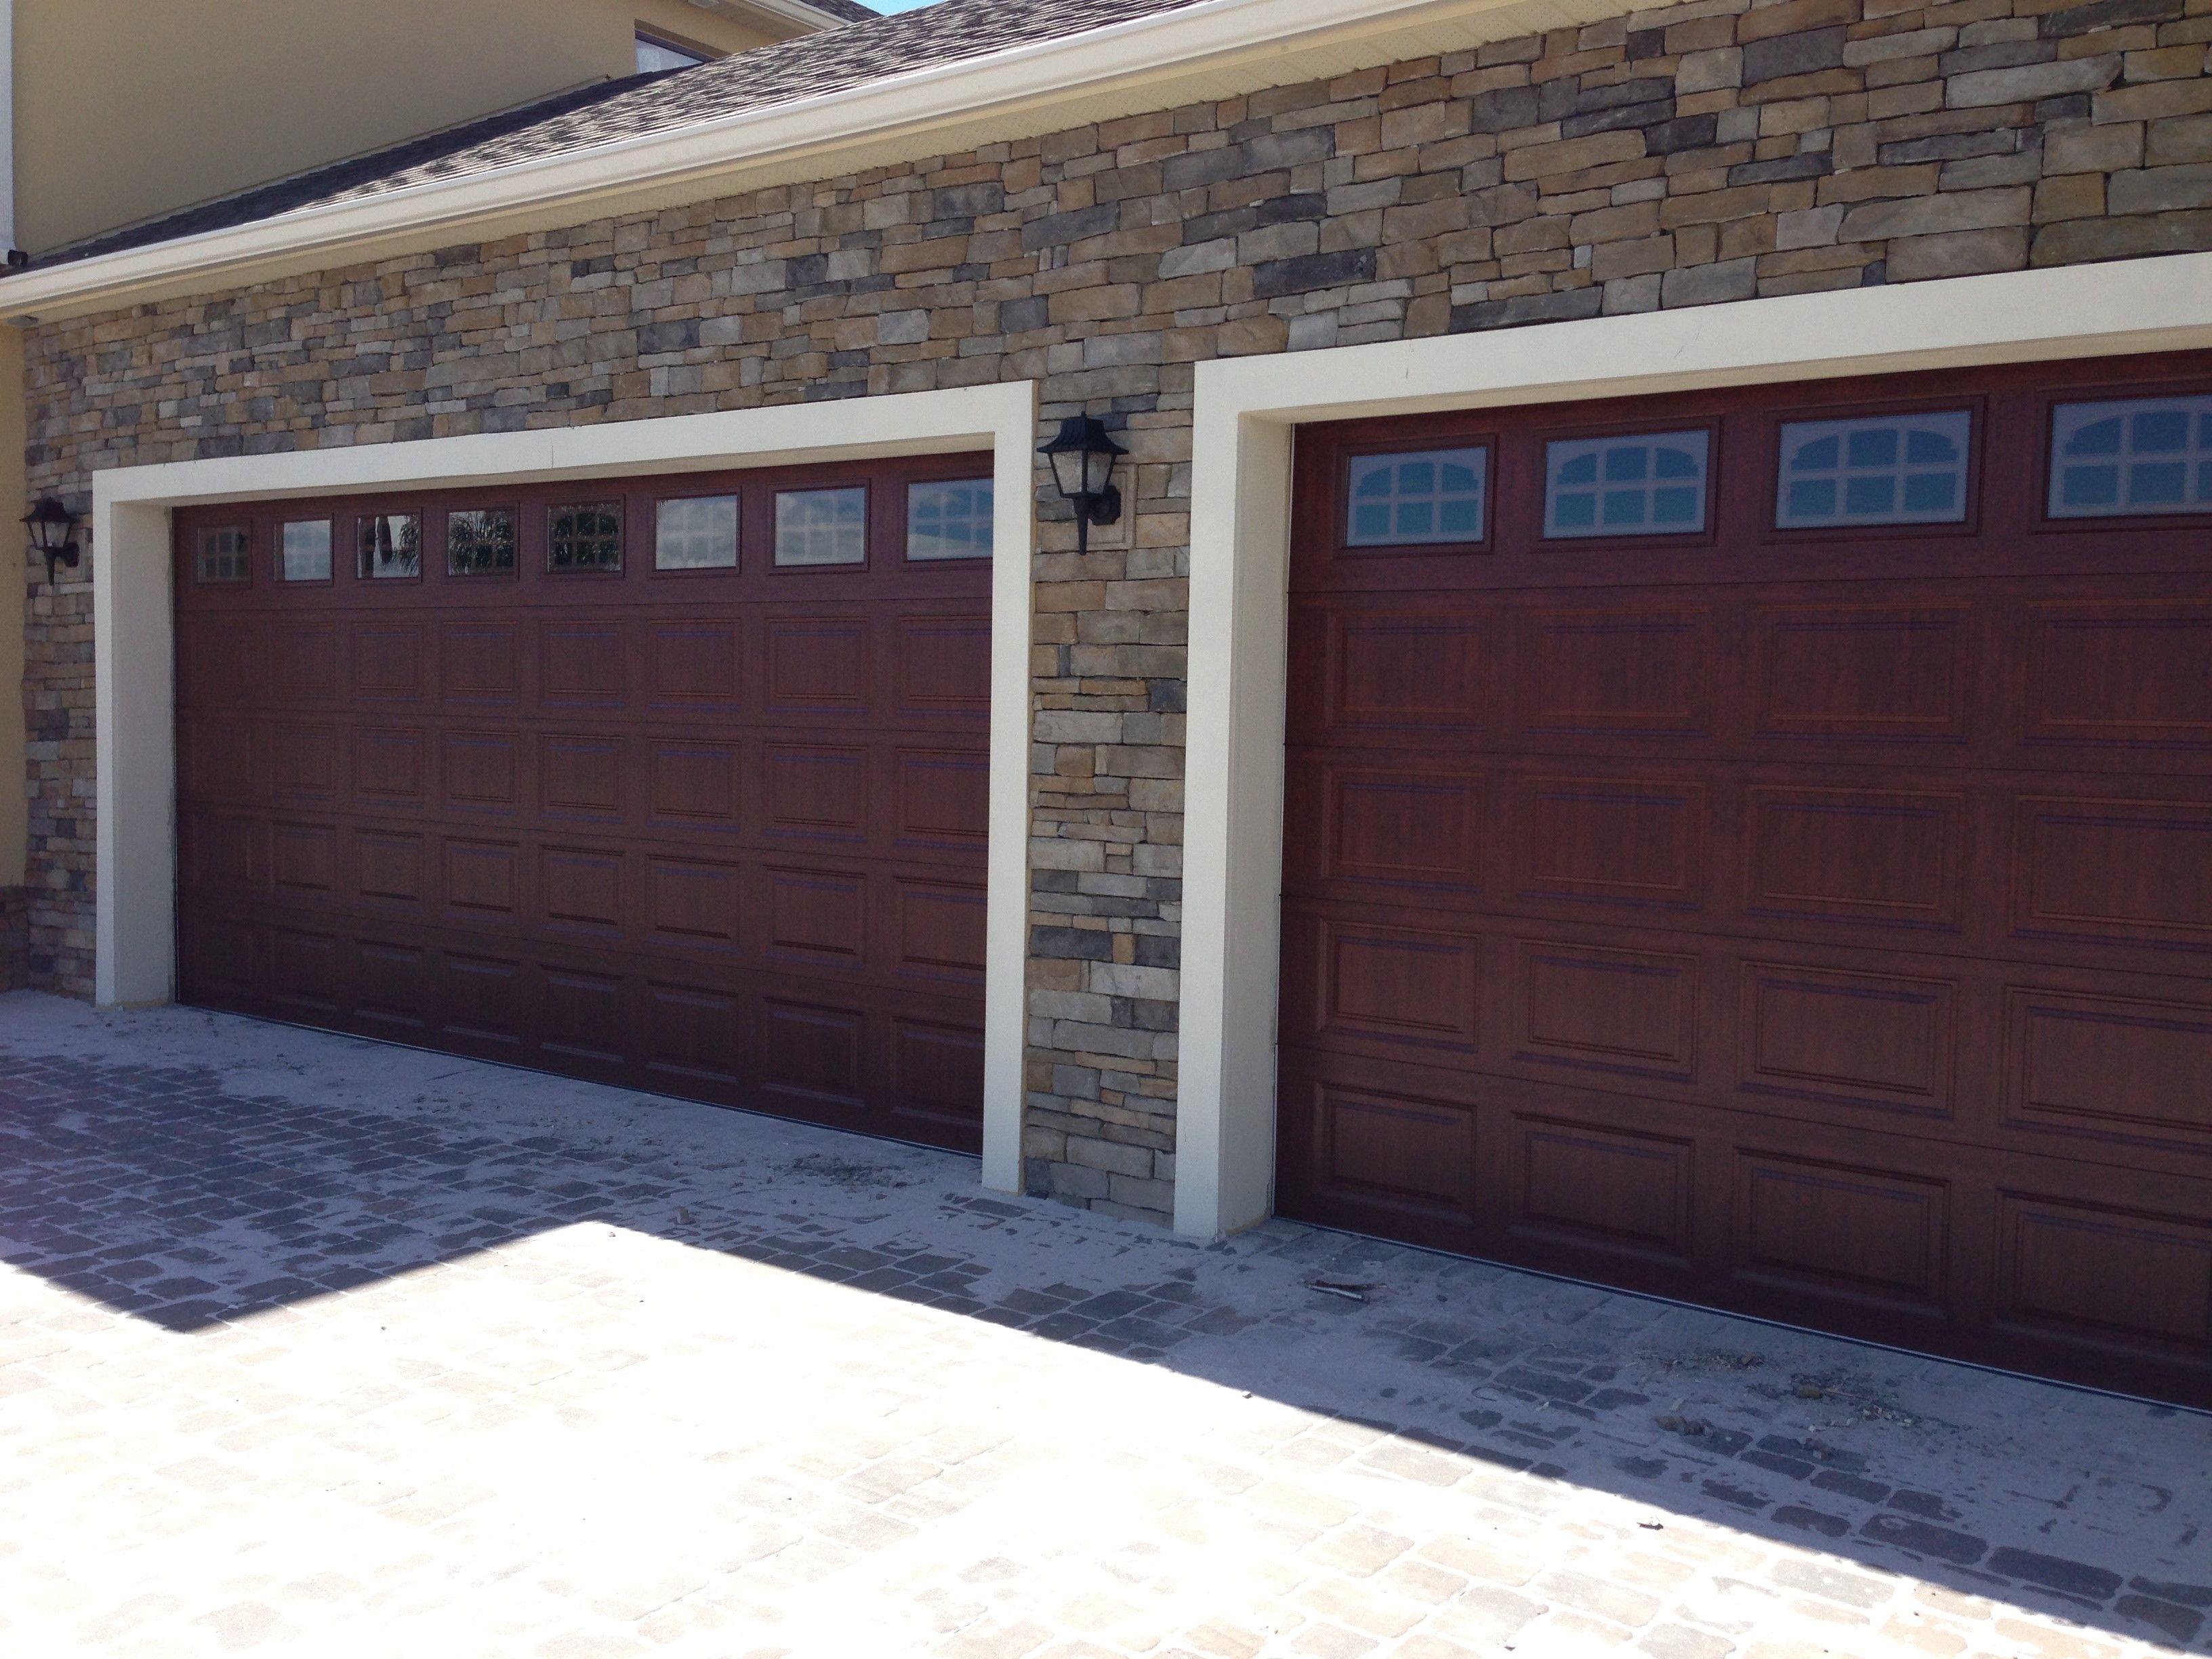 New Garage Door Installed By Overhead Door Of America Garagedoor